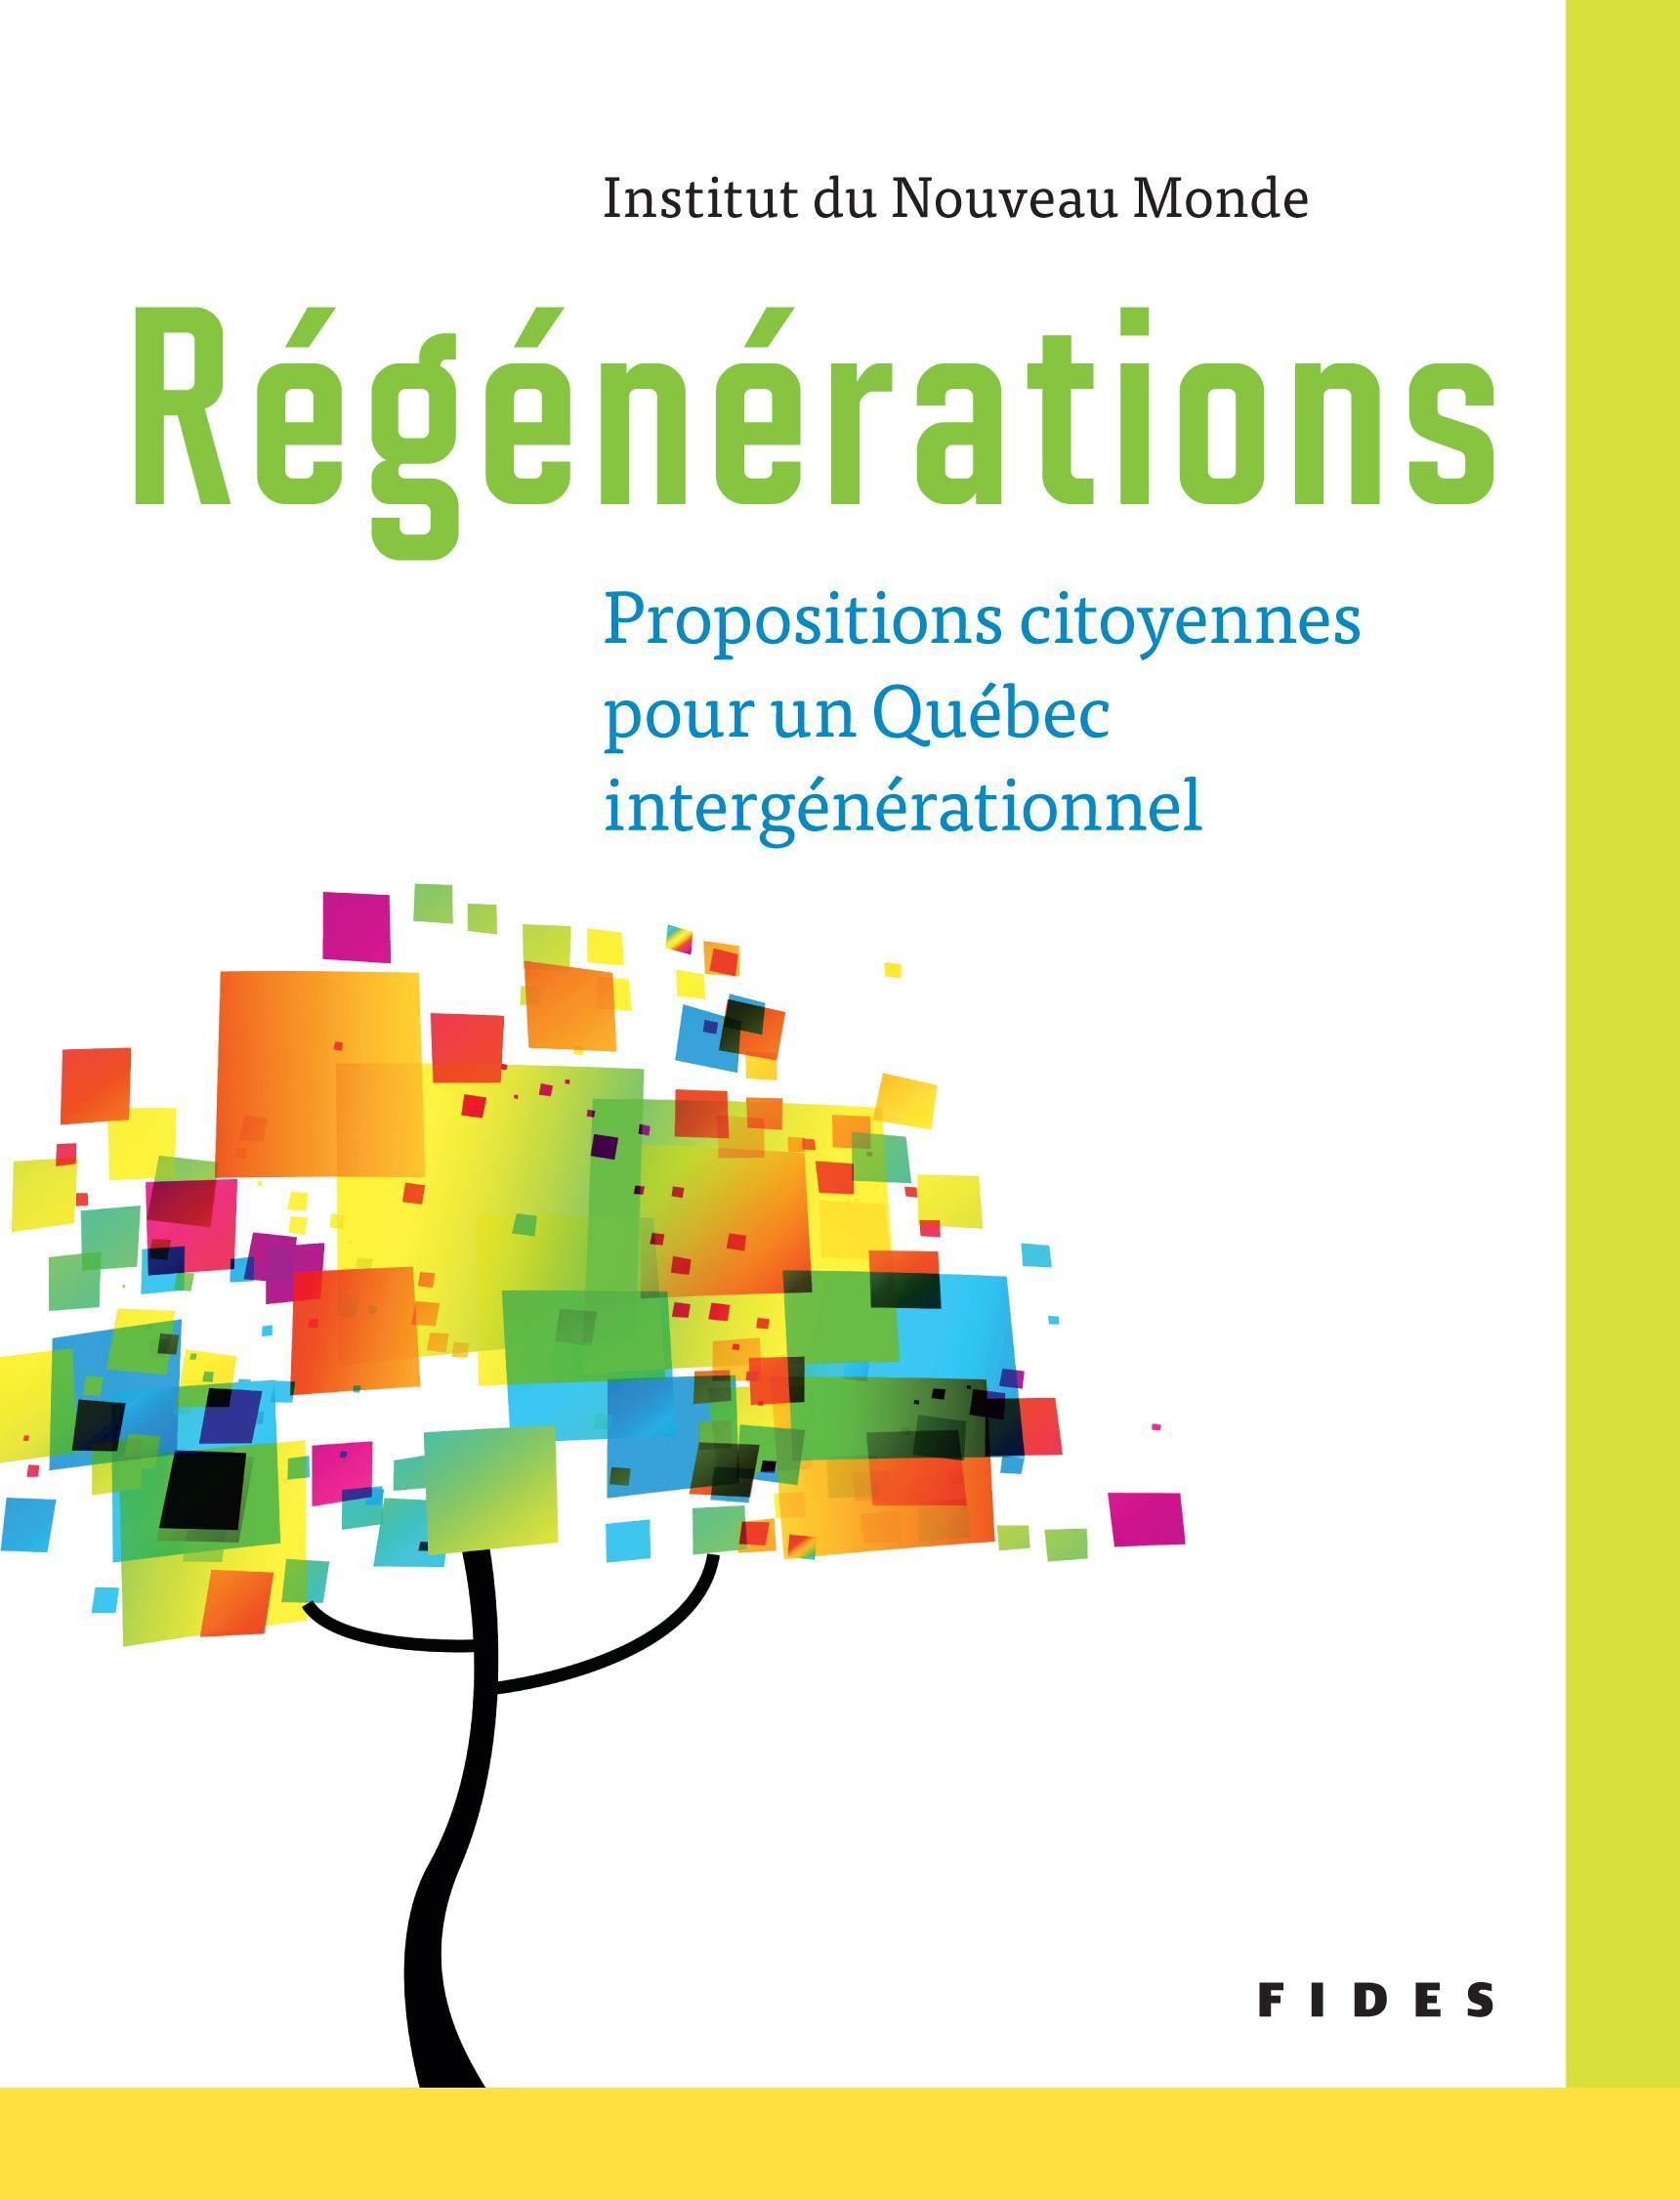 Régénérations, Propositions citoyennes pour un Québec intergénérationnel